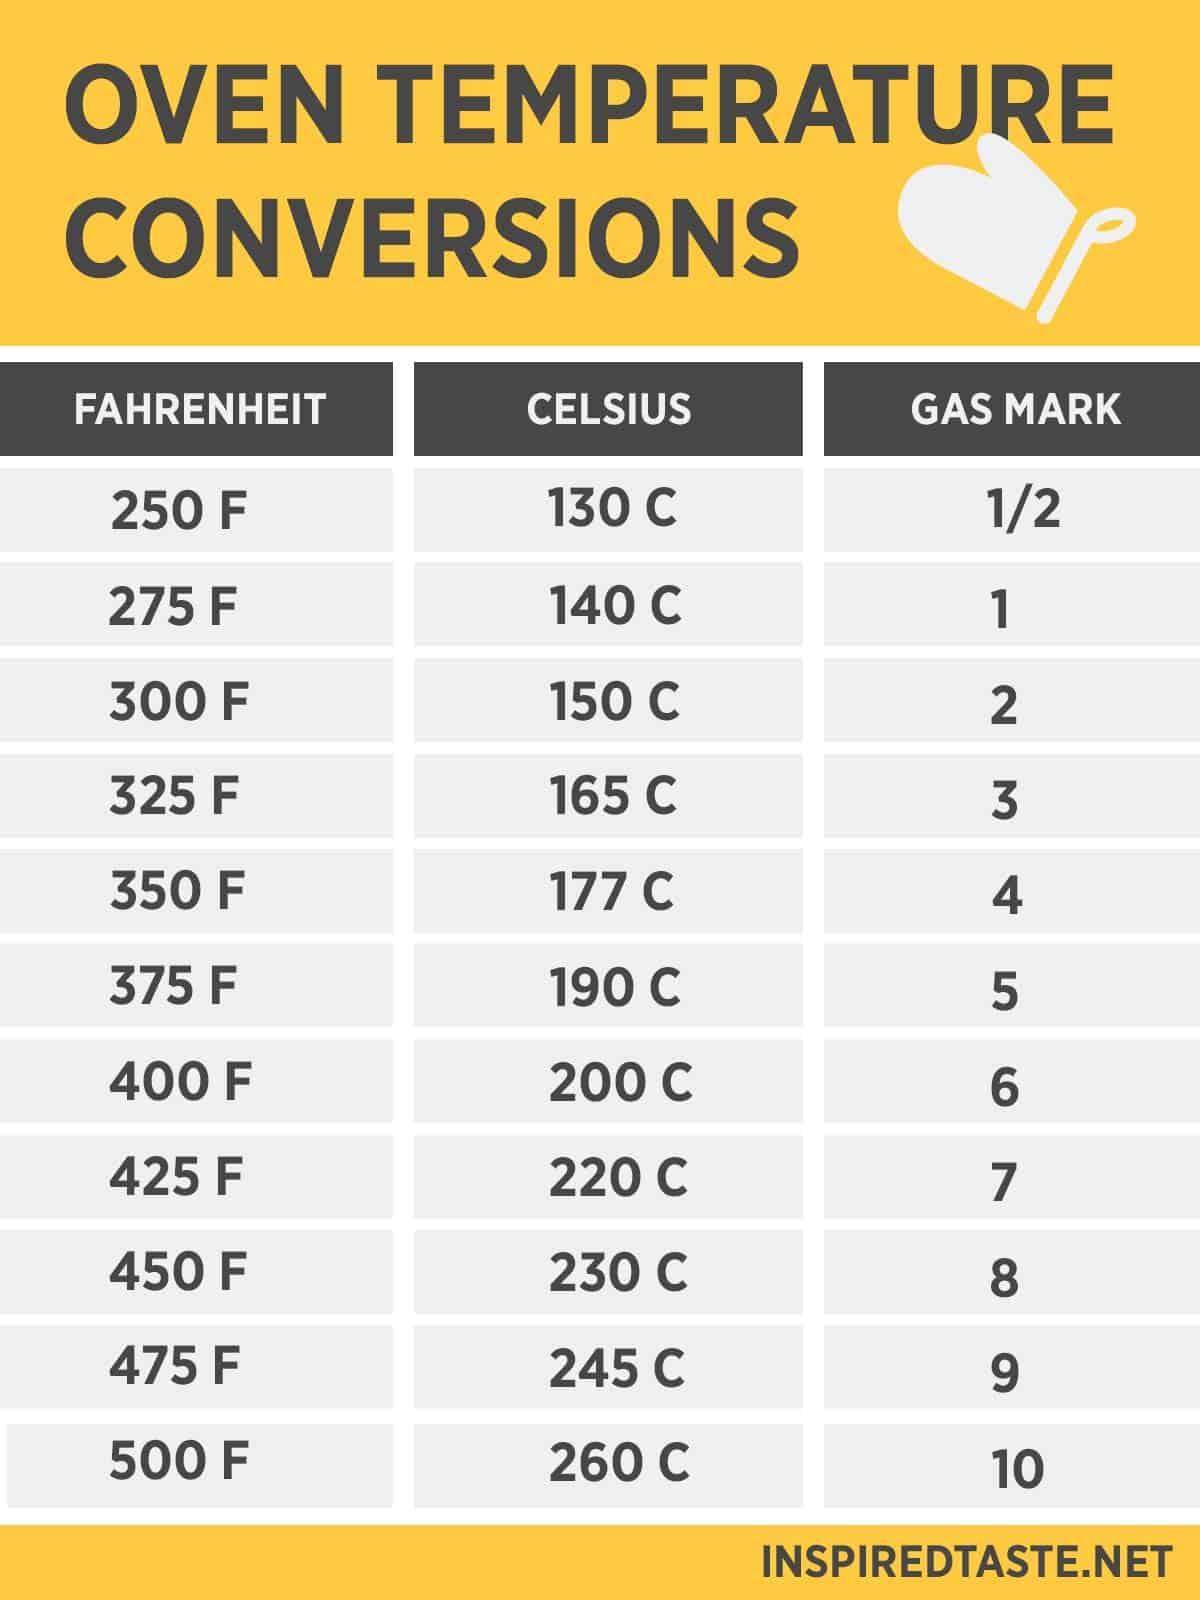 Celcius To Farenheit Chart : celcius, farenheit, chart, Temperature, Conversion, Fahrenheit, Celsius